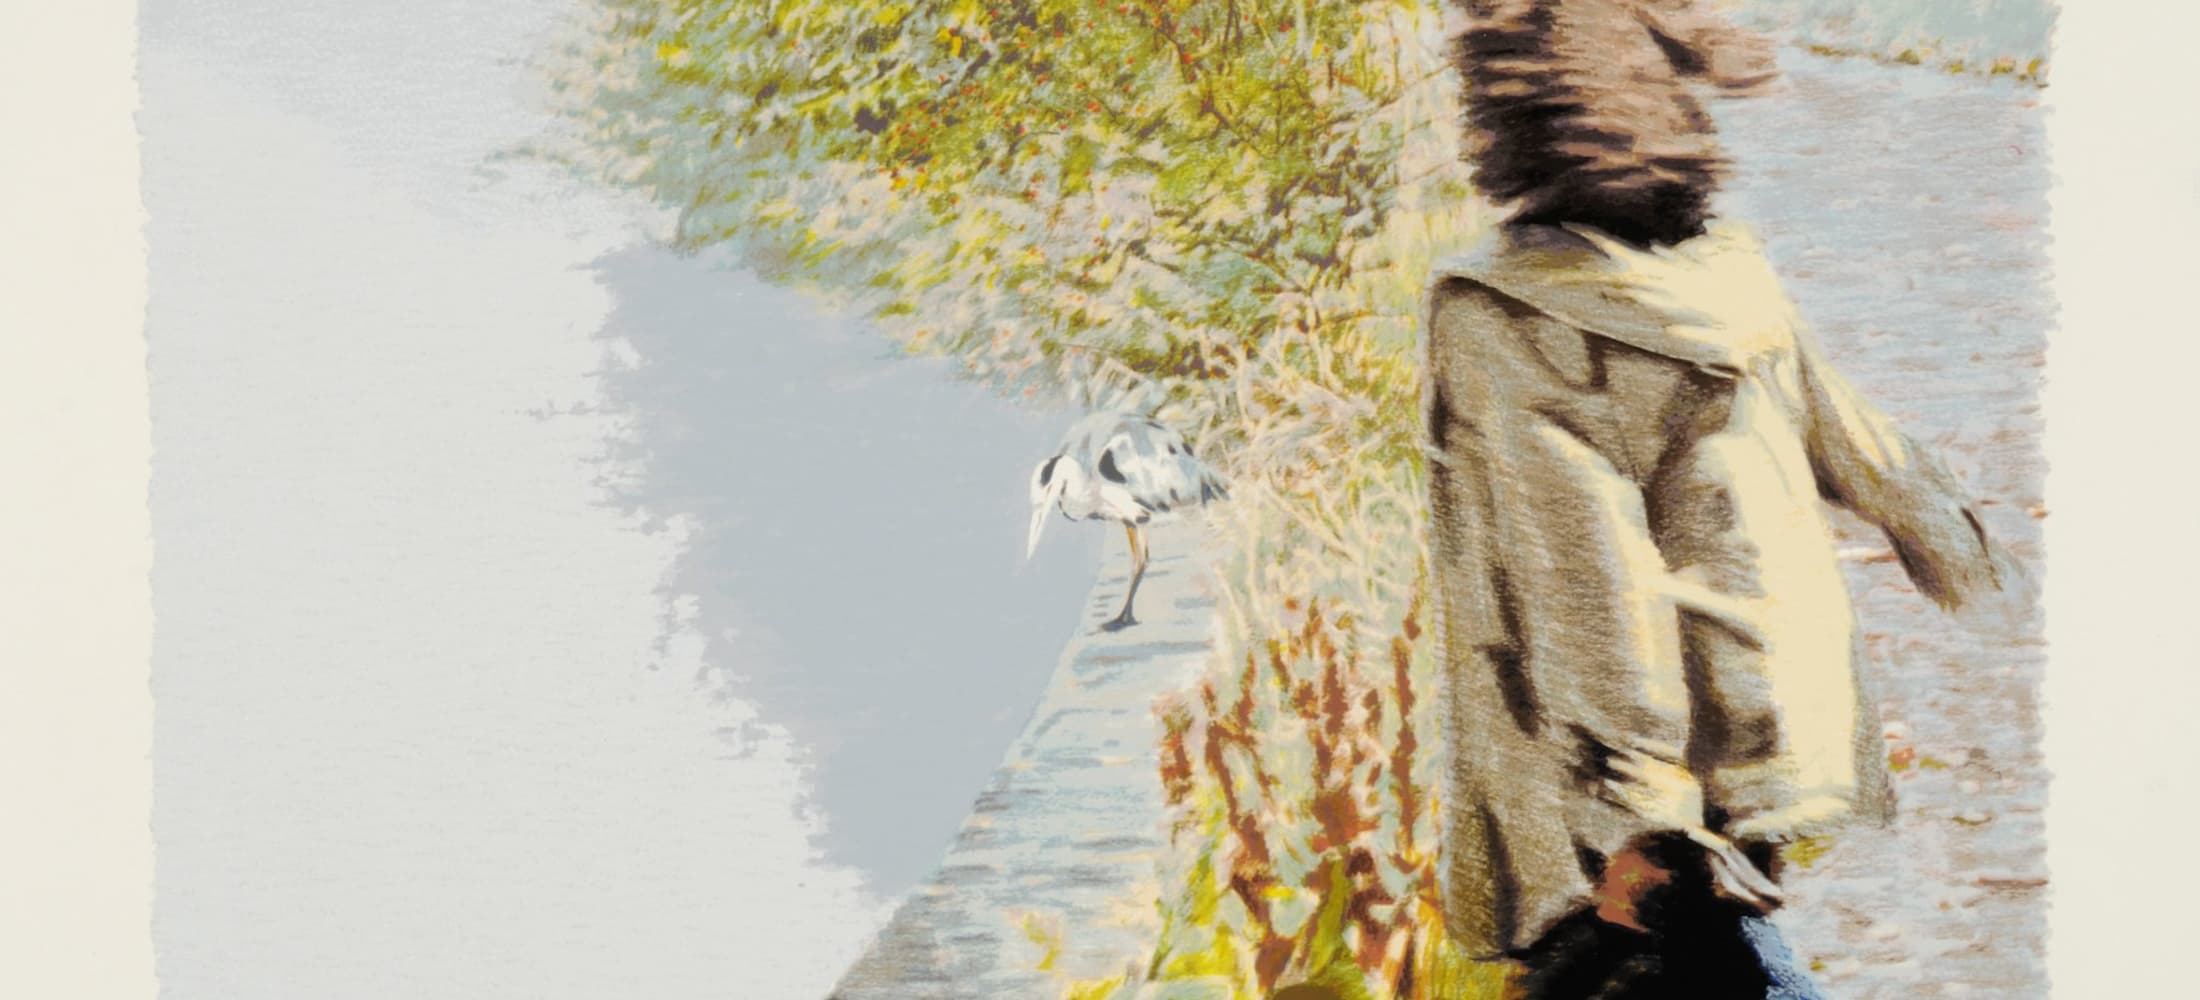 Boyd & Evans, Bird/Pursuit, 1990